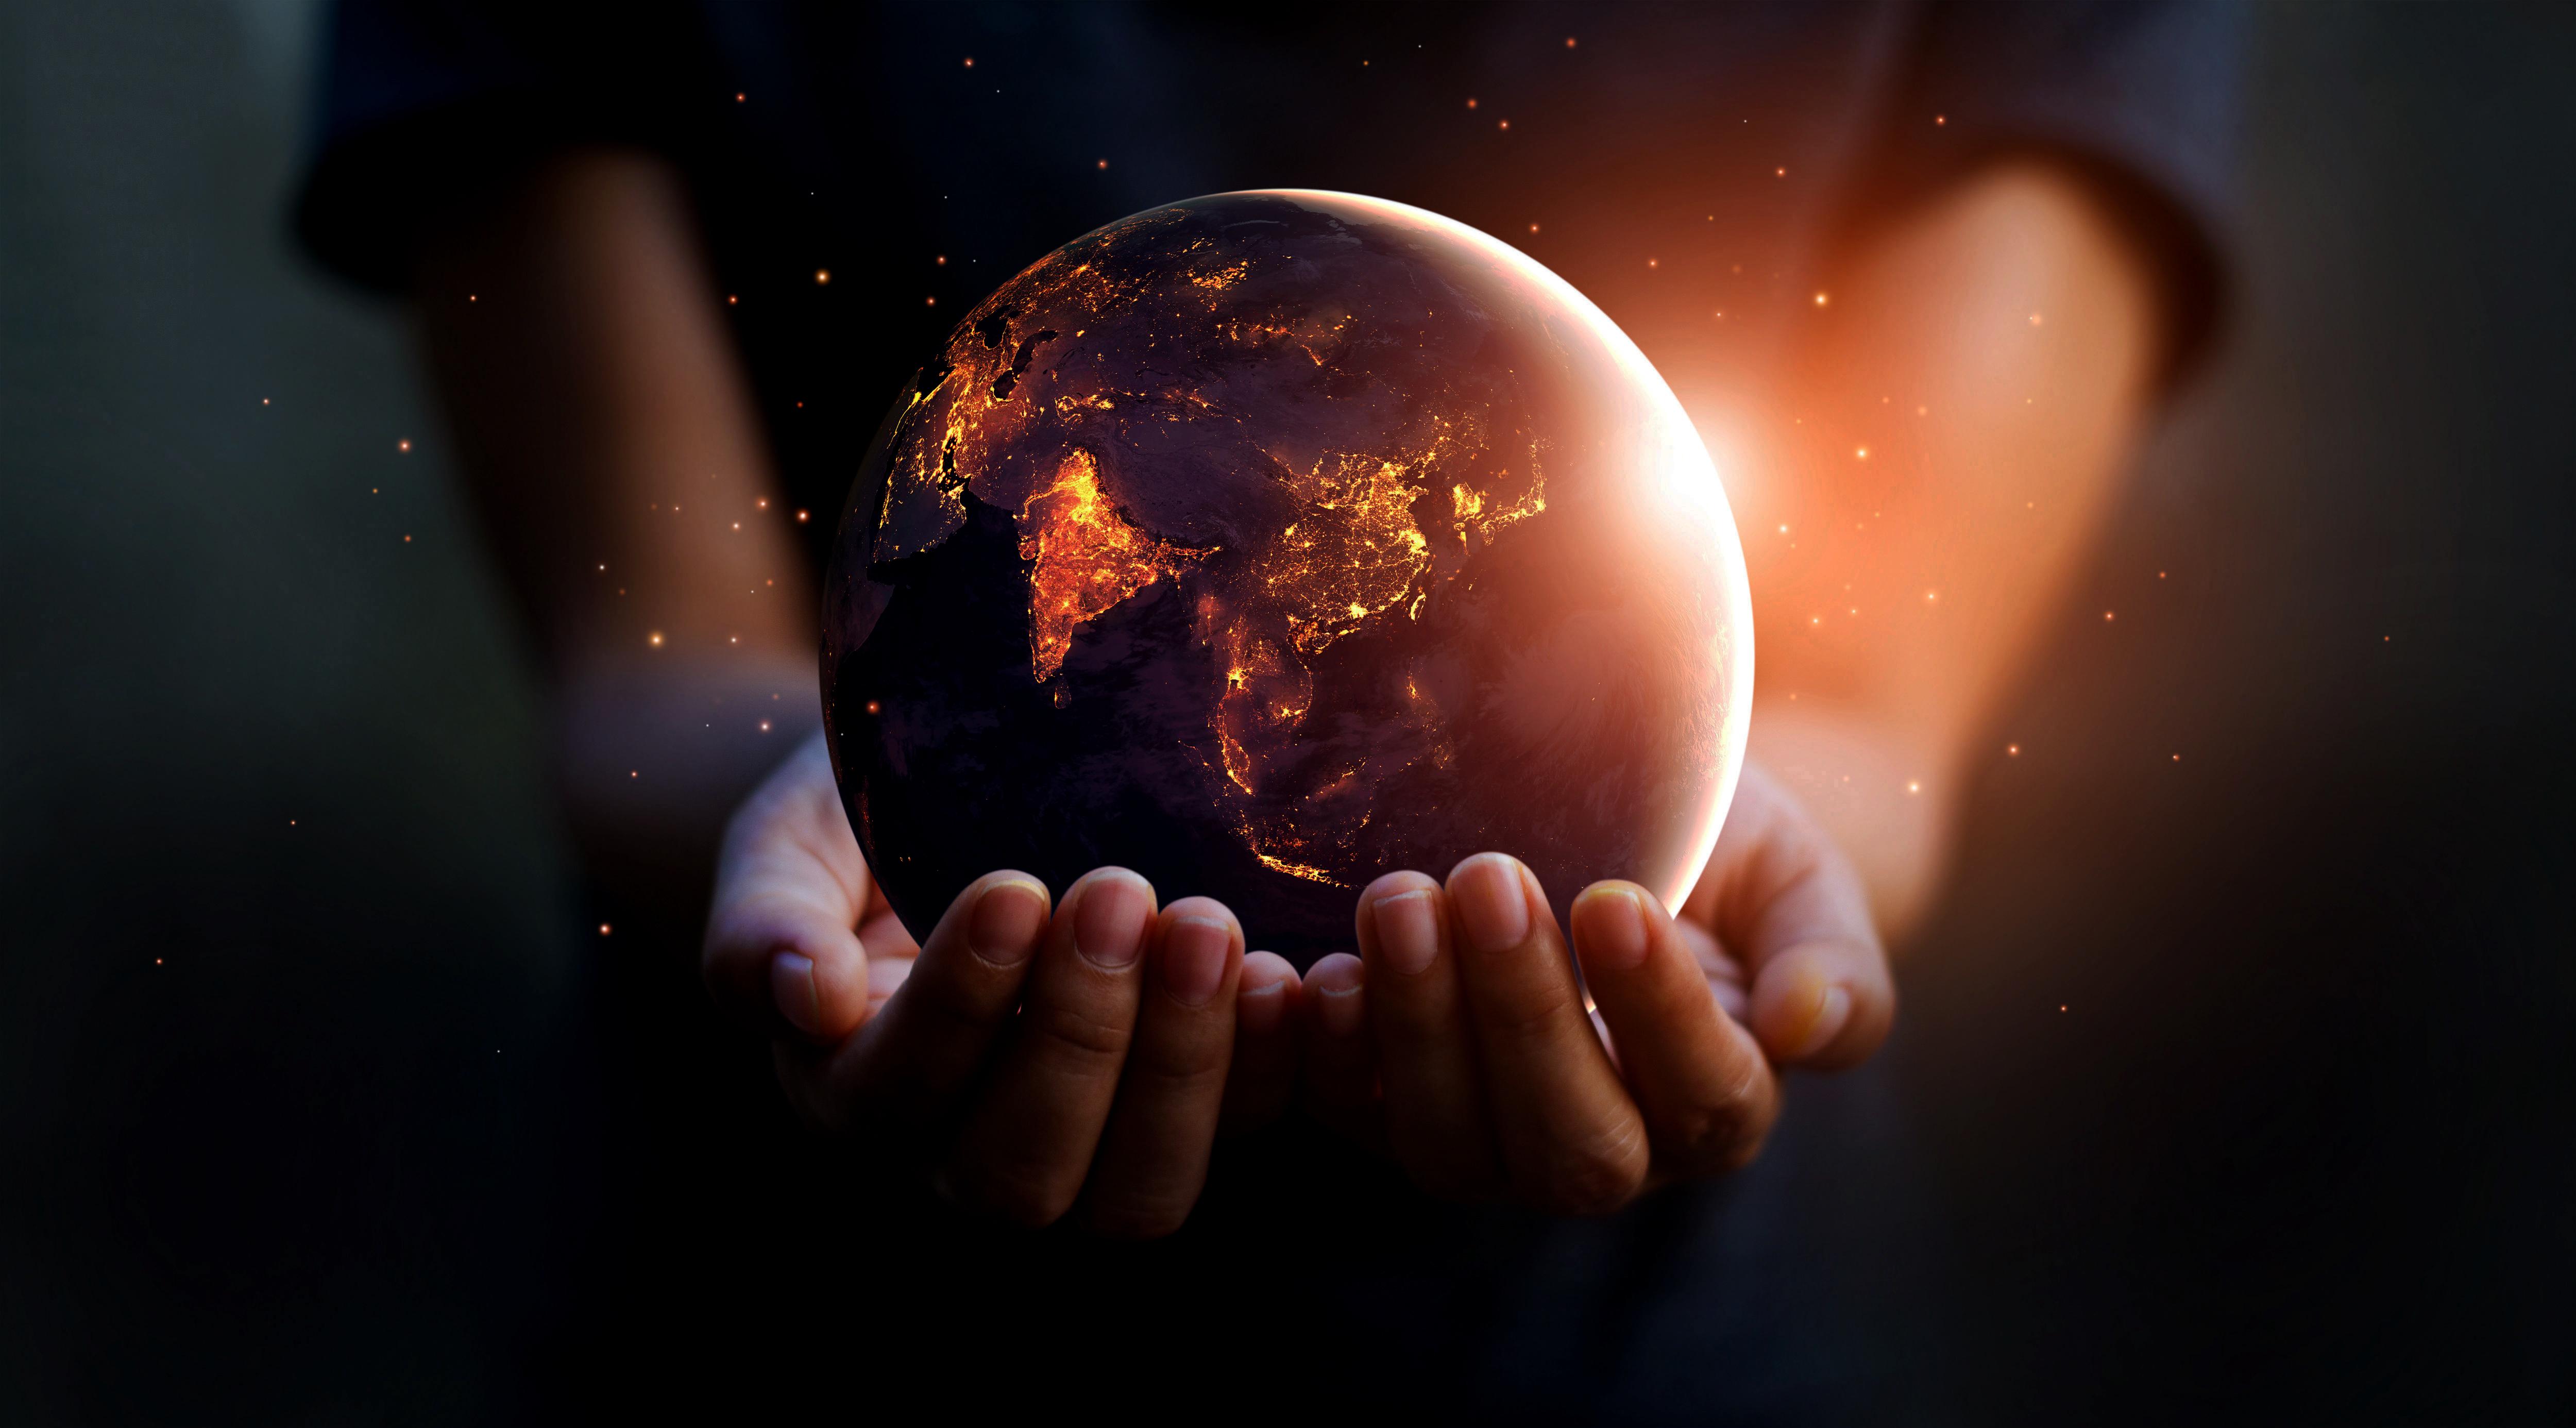 Dark_Hands Holding World